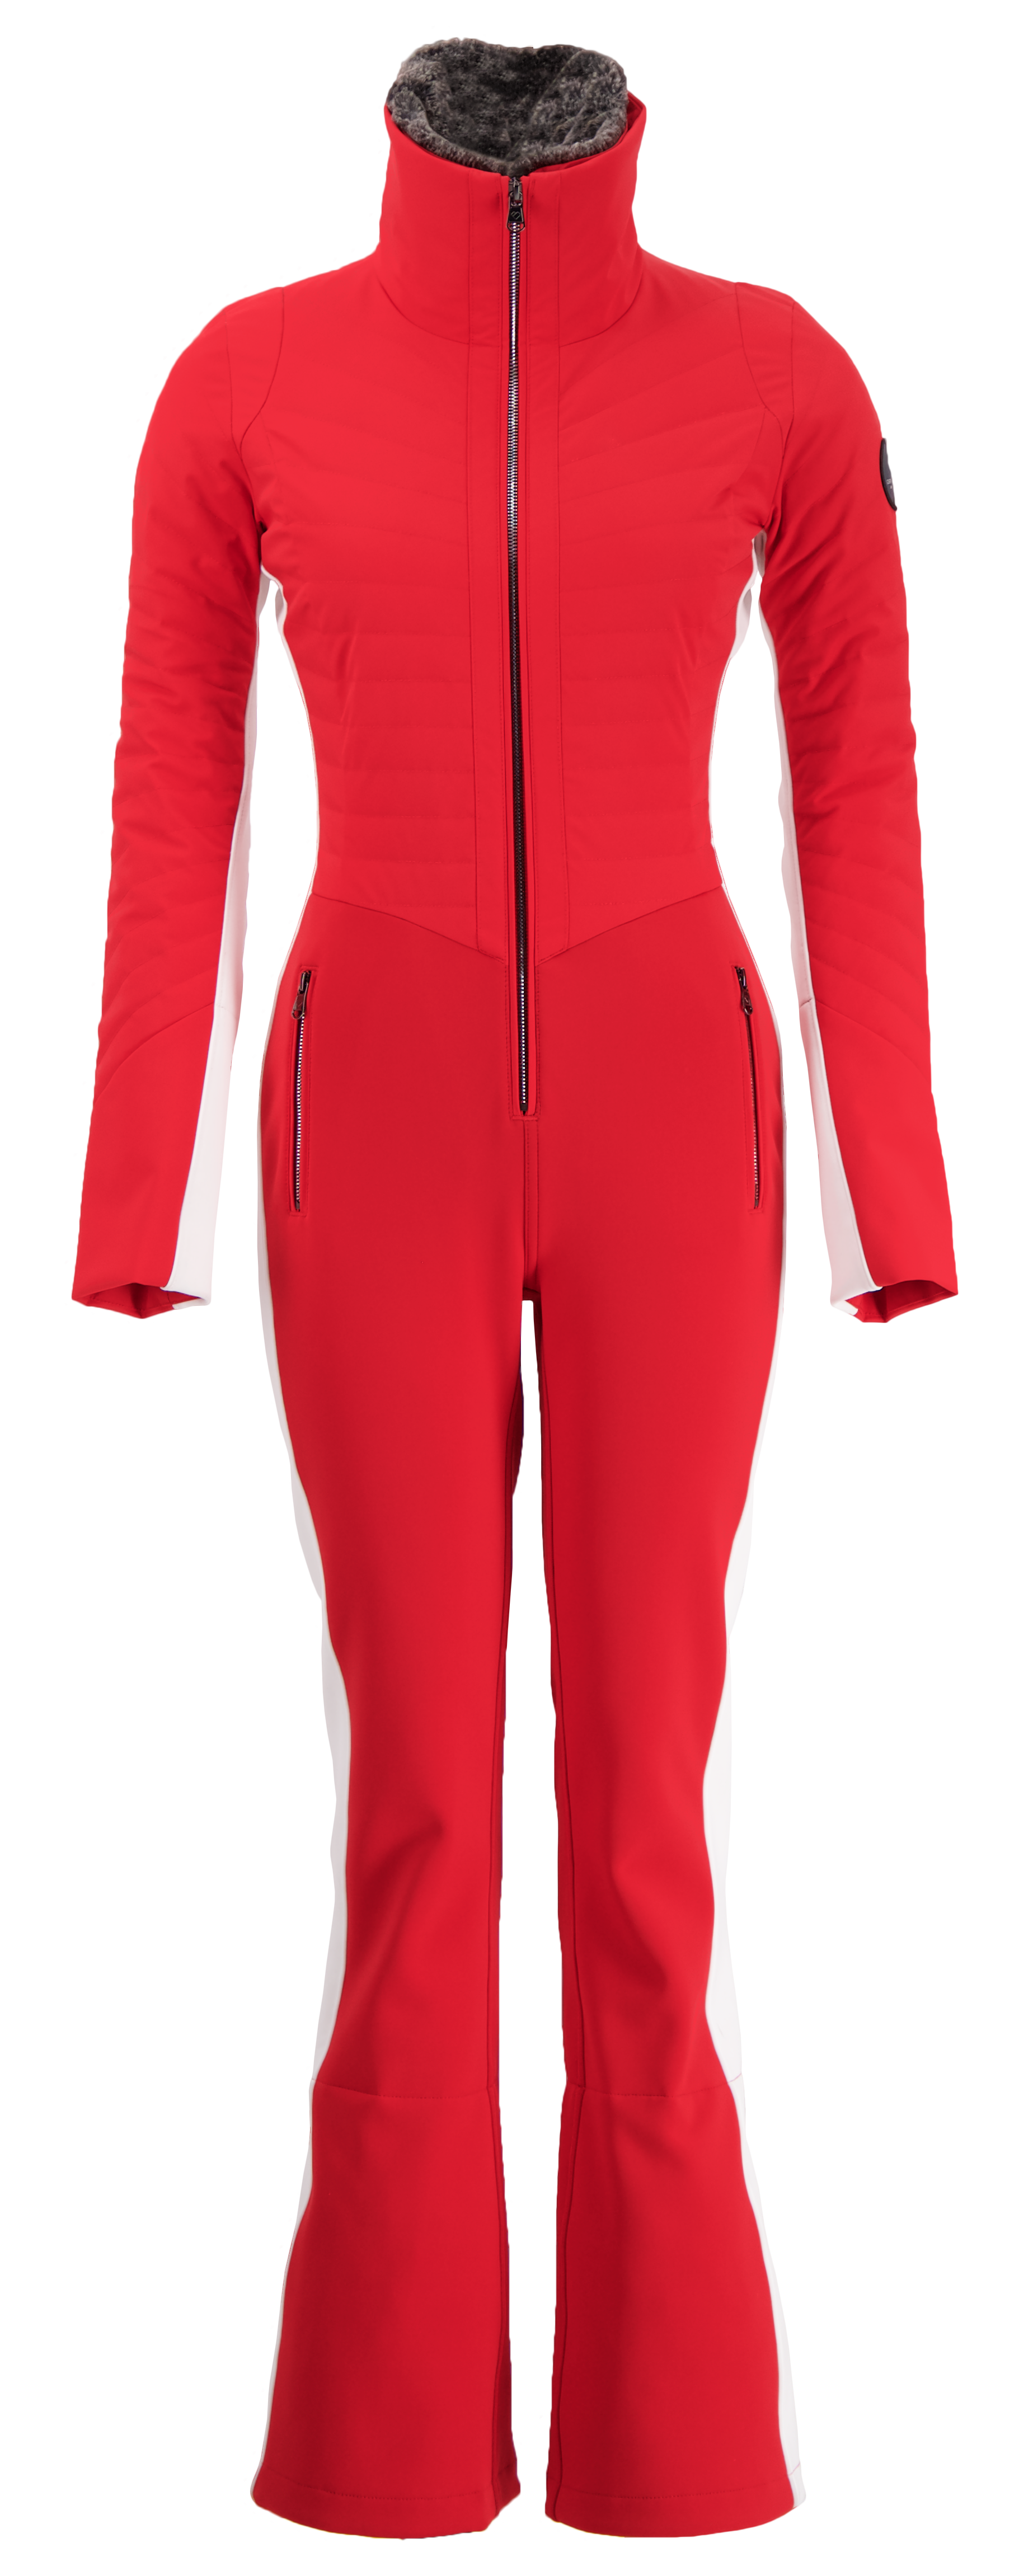 Racer eX 0901